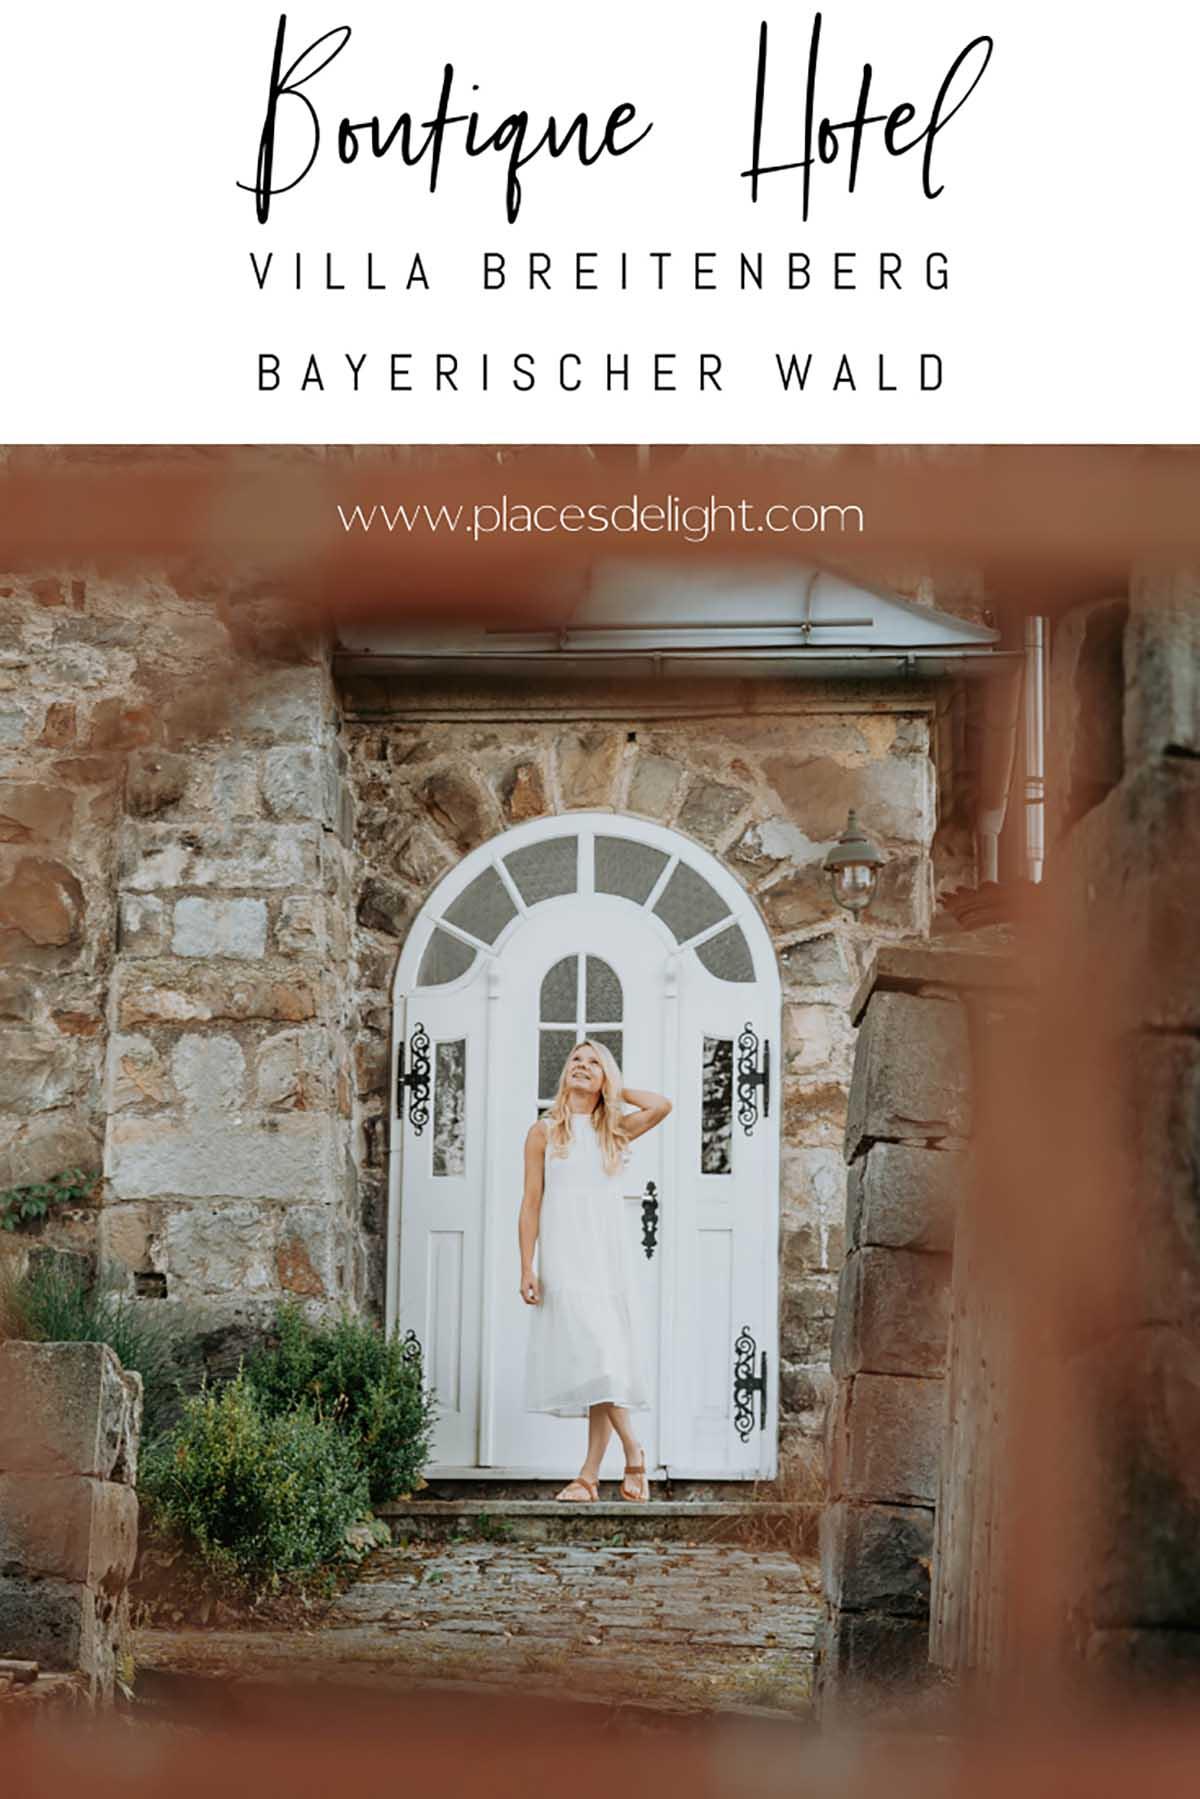 boutique-hotel-villa-breitenberg-bayerischer-wald-placesdelight-pin